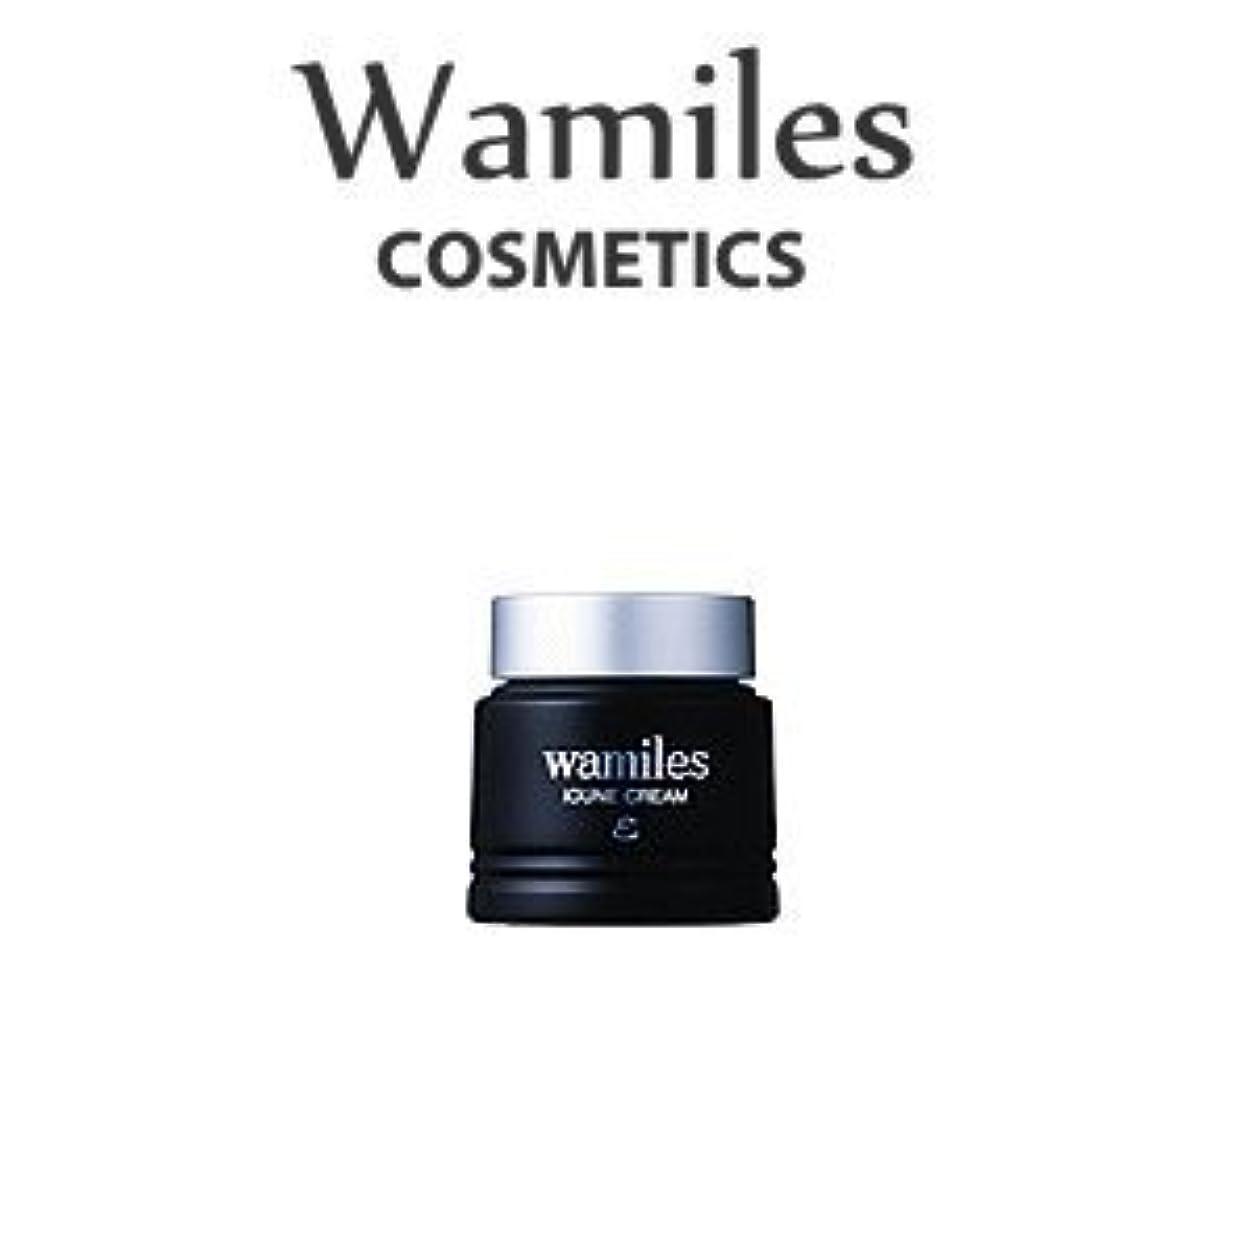 かすかなセント前投薬wamiles/ワミレス ベーシックライン イオンヌ クリーム 53g 美容 保湿